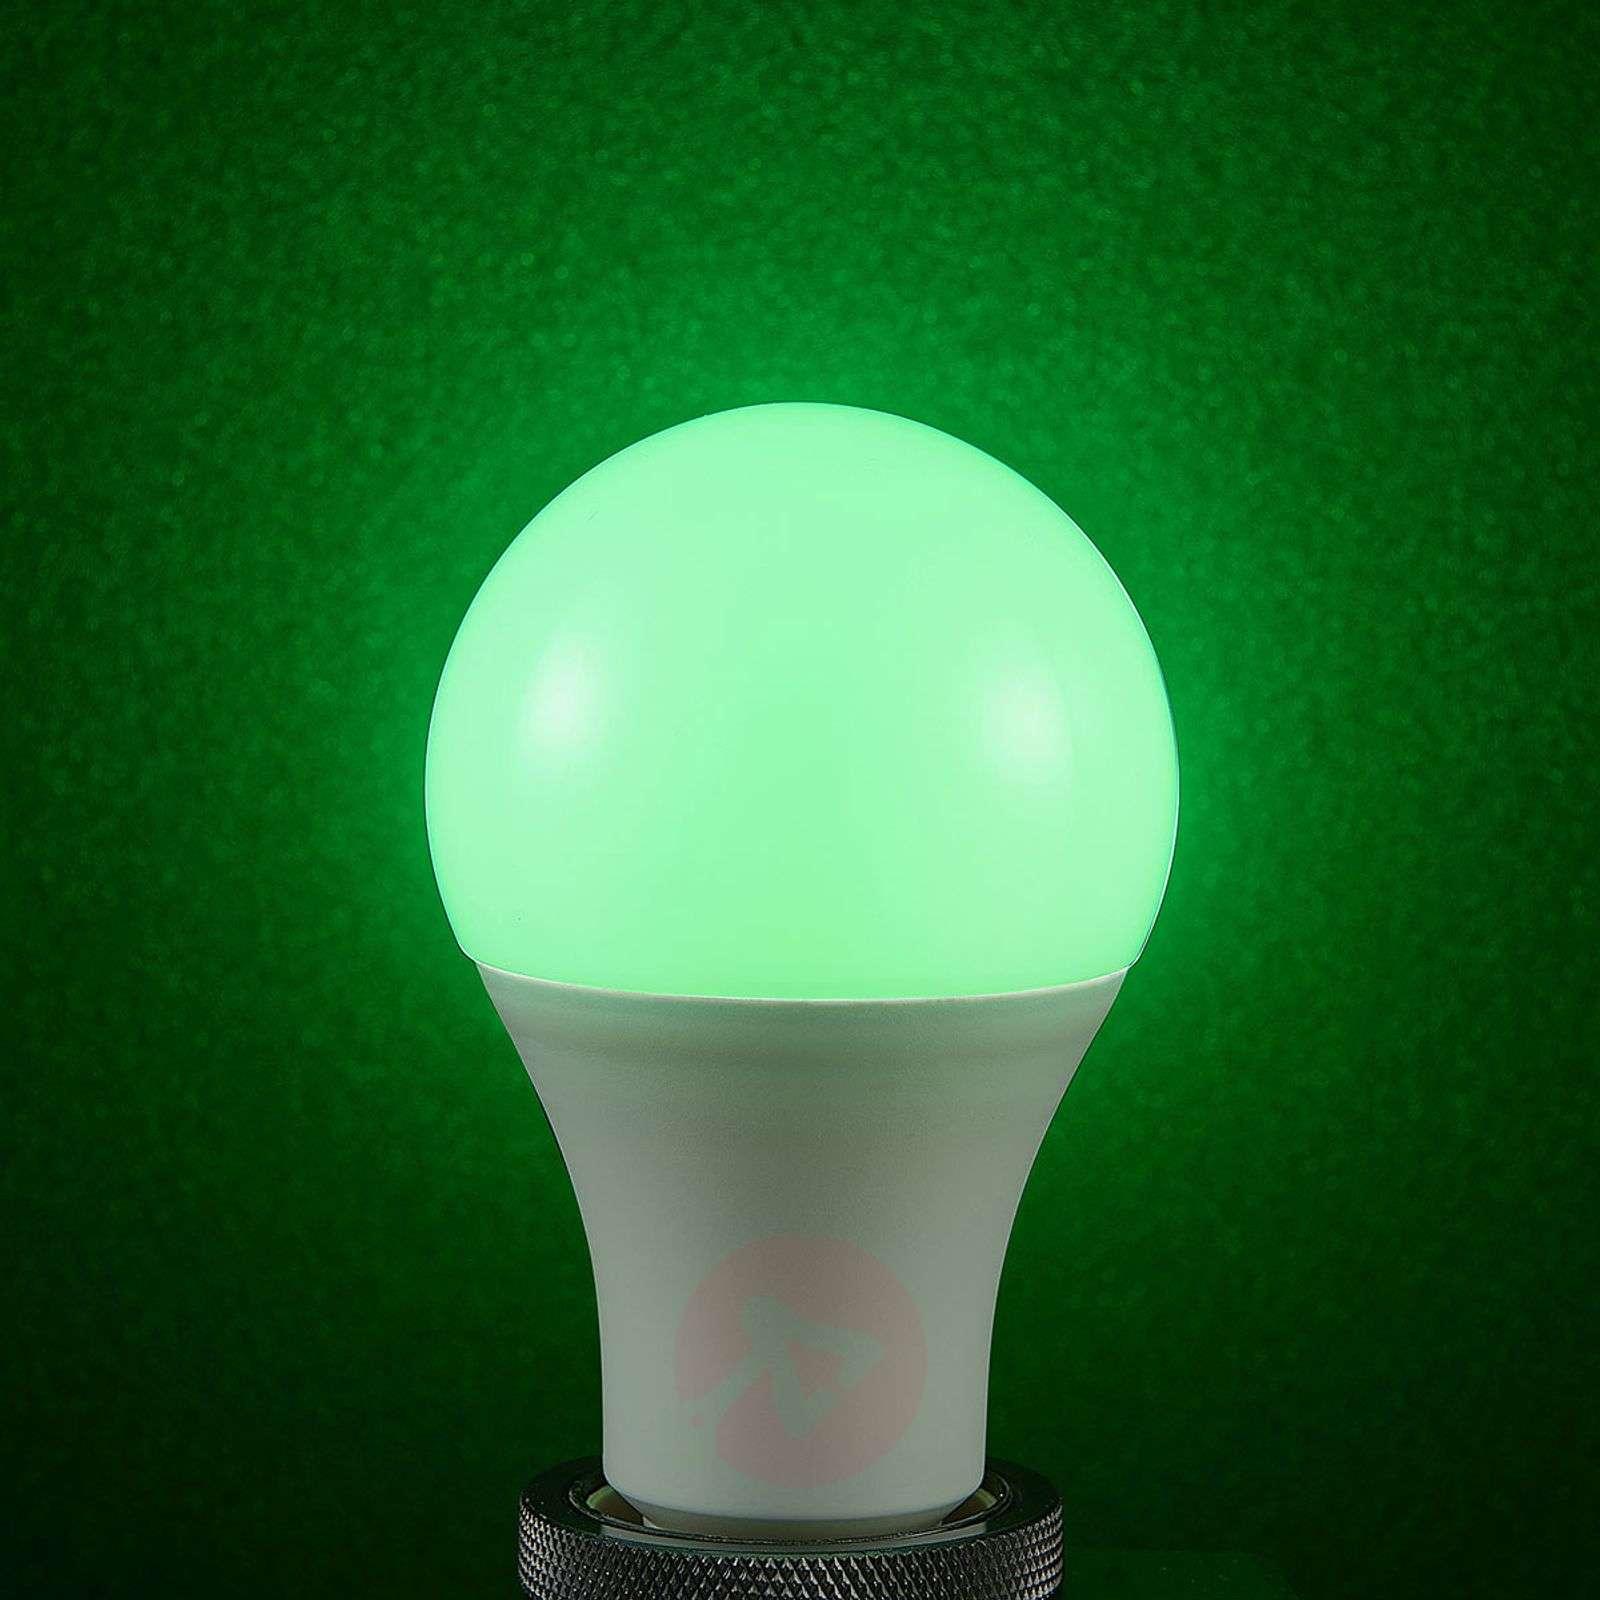 LED bulb WiFi E27 10 W, 2,700 K, RGB, dimmable-9971013-09